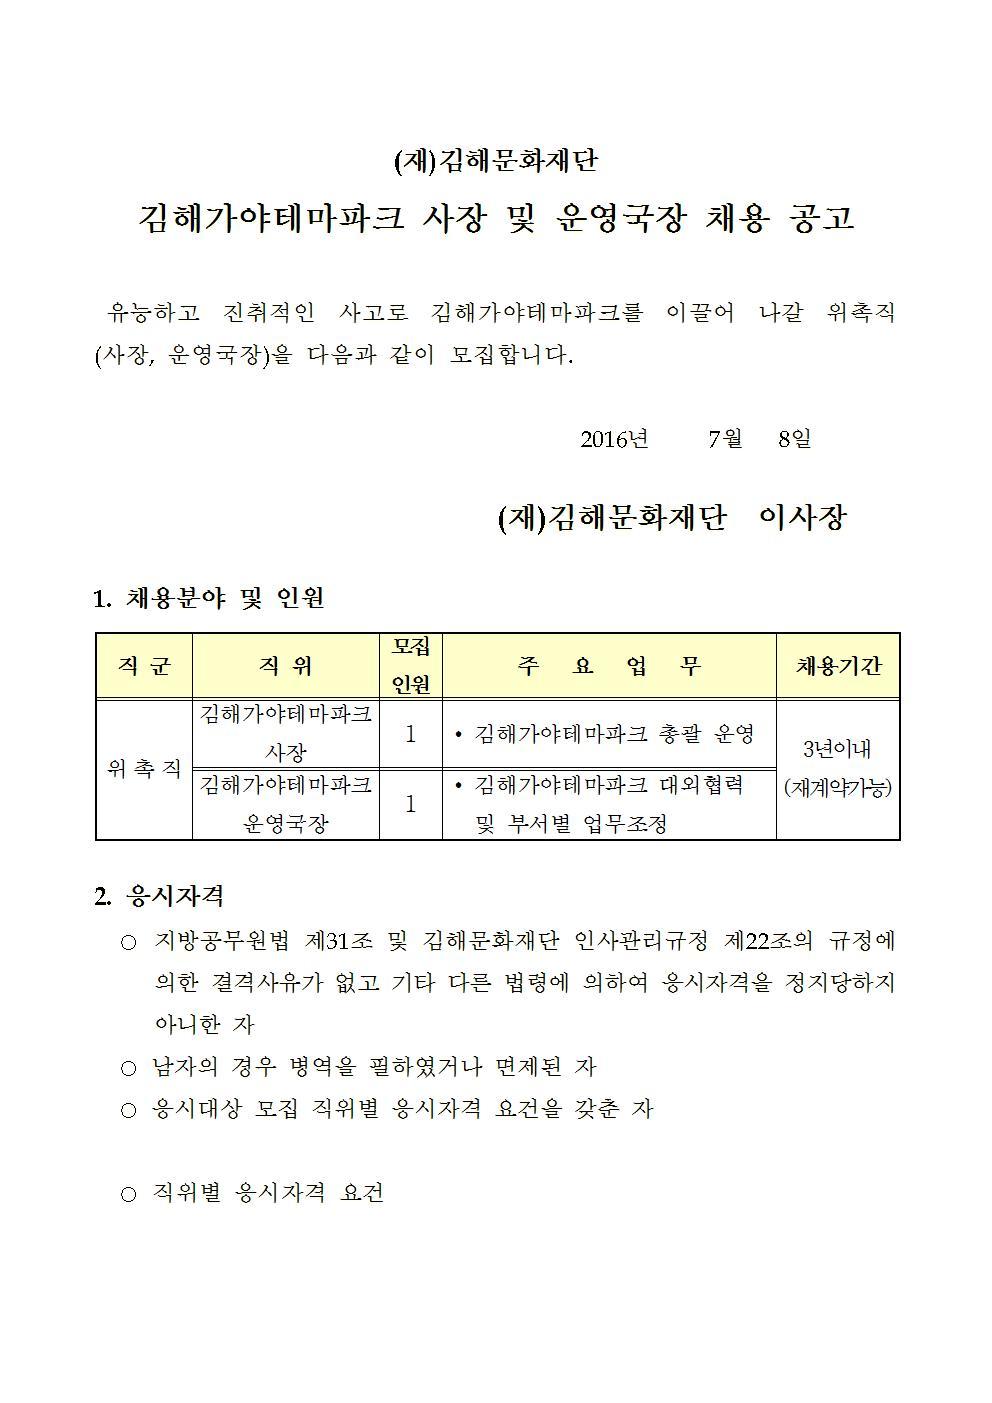 위촉직(테마파크 사장 및 운영국장) 채용공고001